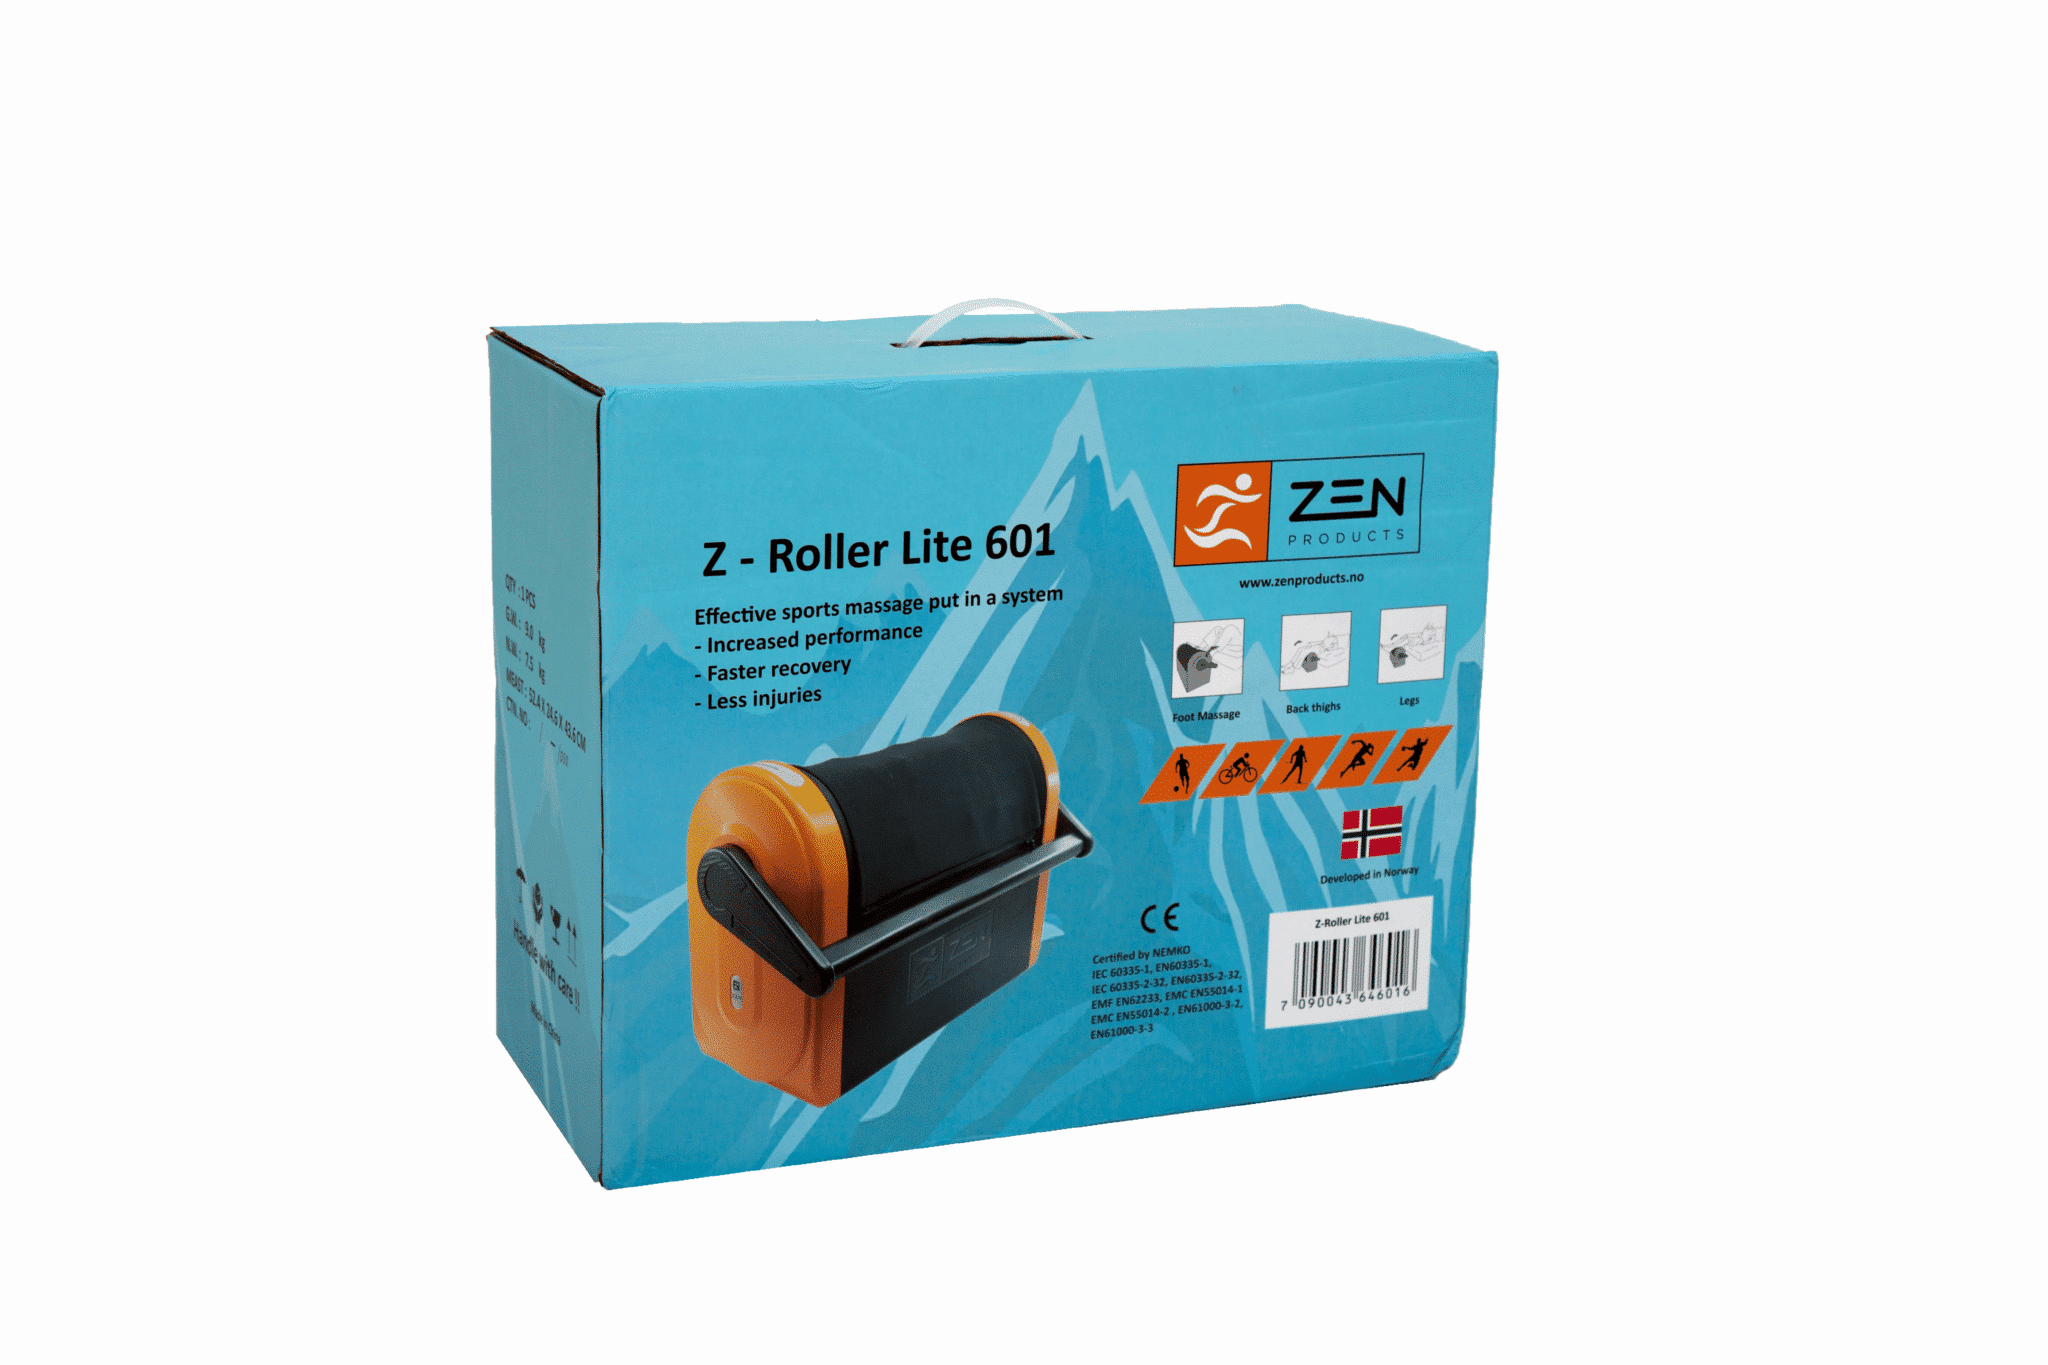 zen-lite-box